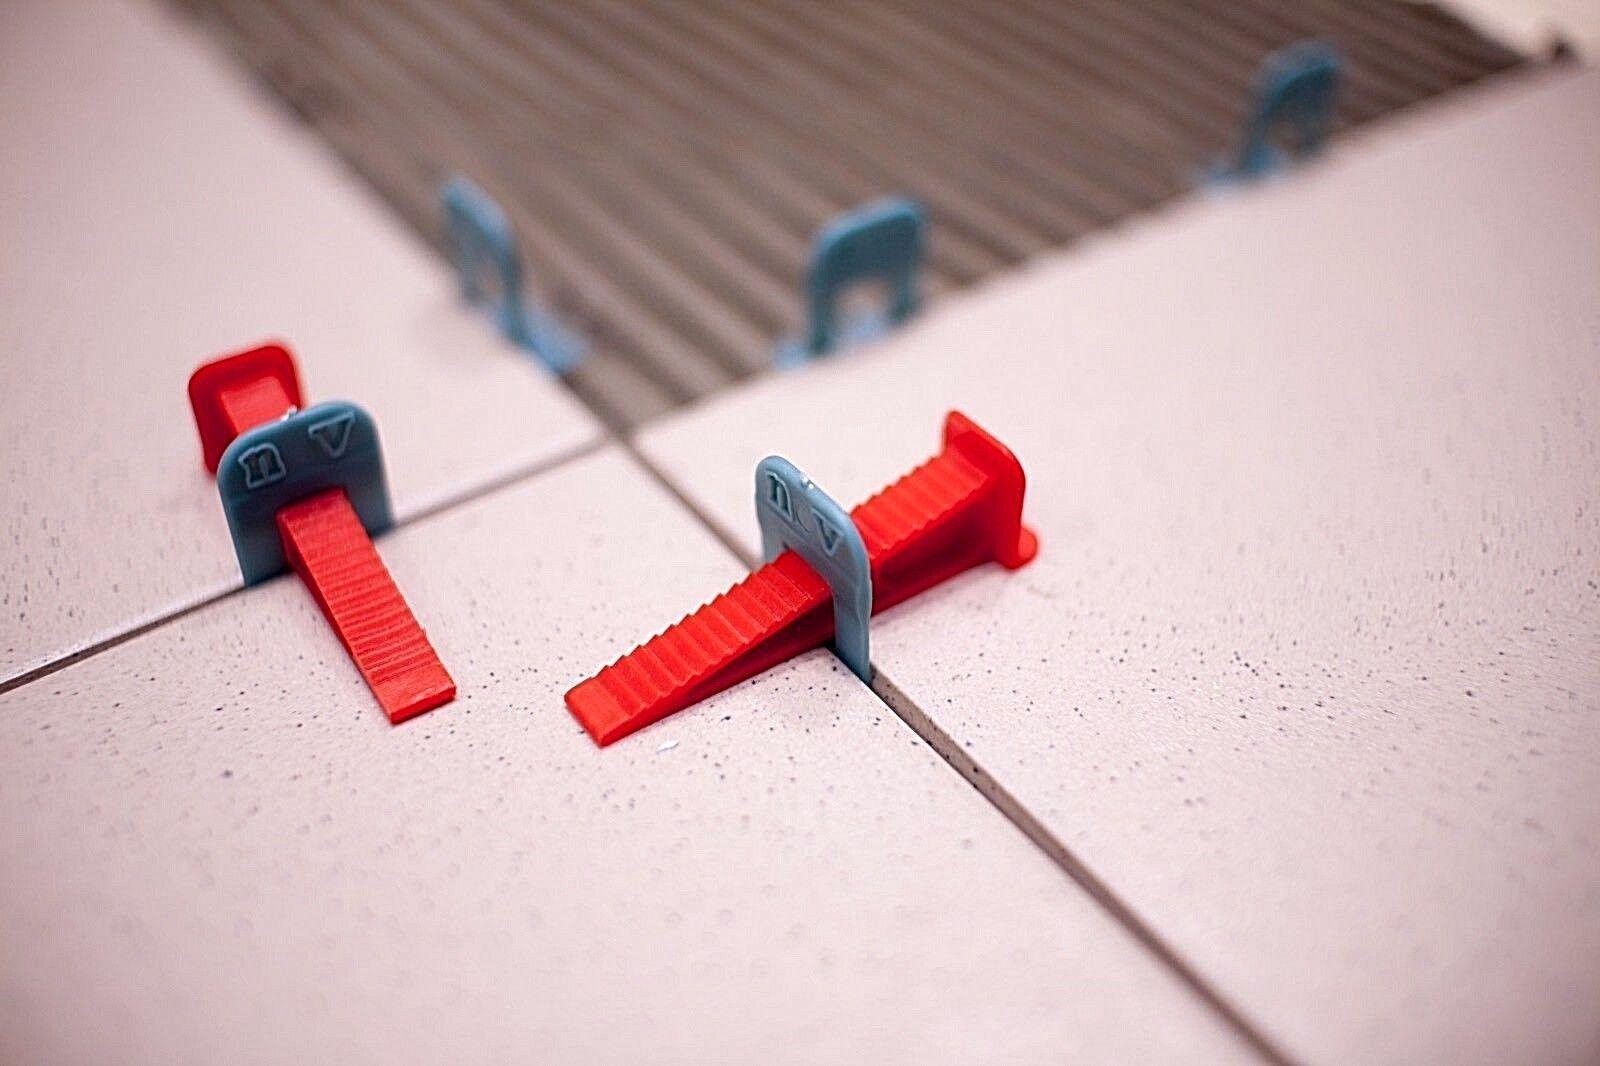 500 Laschen (1 mm) + + + 200 Keile + Zange. Fliesen Nivelliersystem, Verlegehilfe. | Zart  | Exzellente Verarbeitung  | Hochwertig  d4bb95